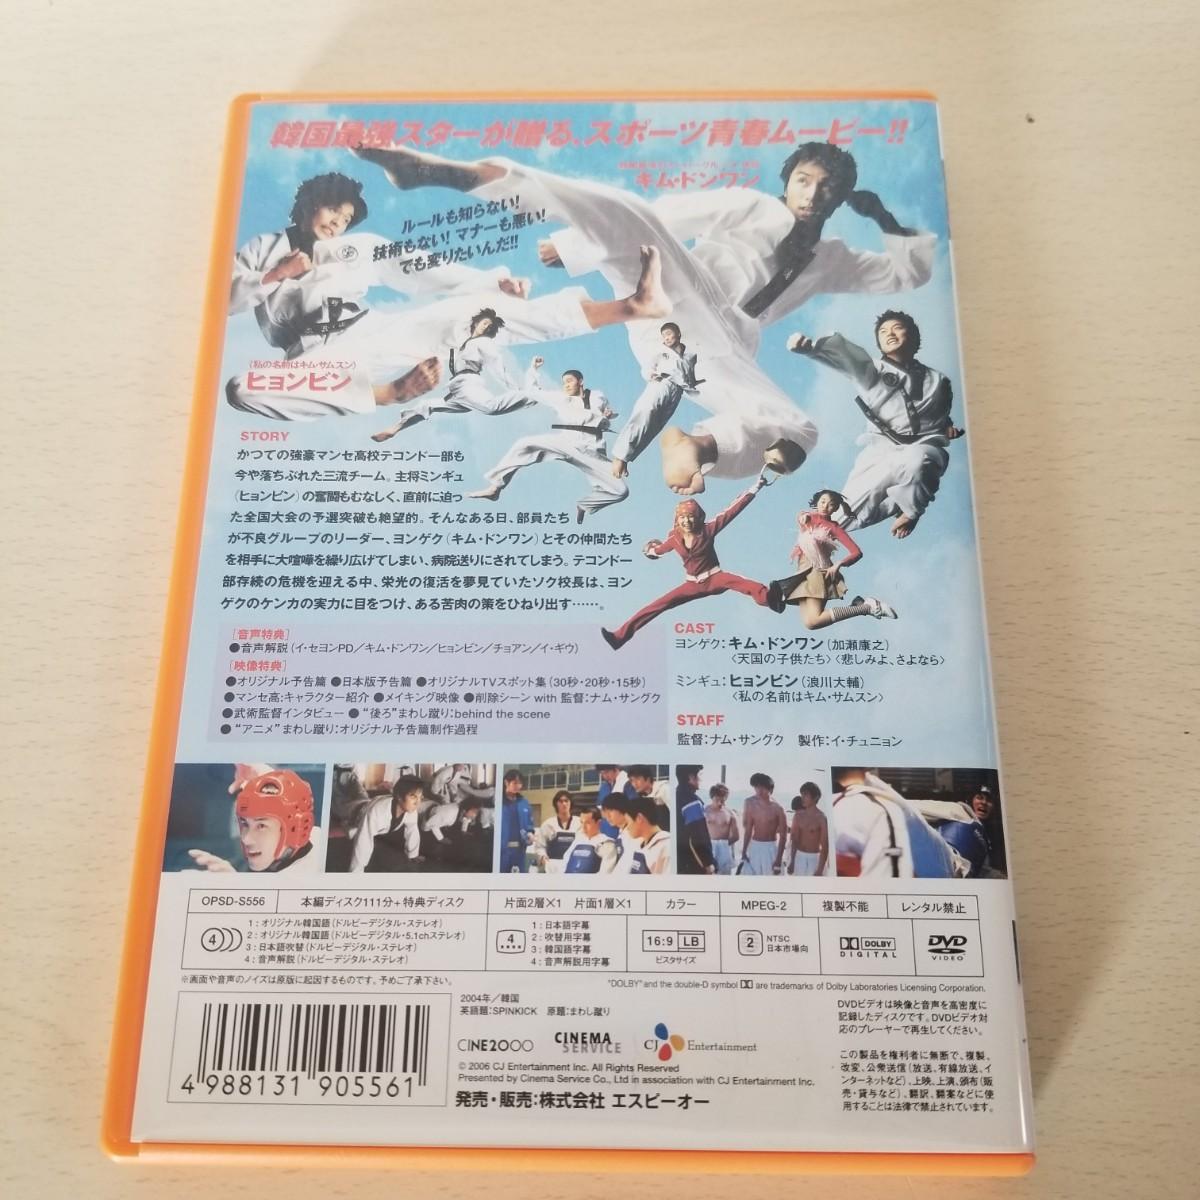 ヒョンビン まわし蹴り デラックス版 二枚組 韓国映画